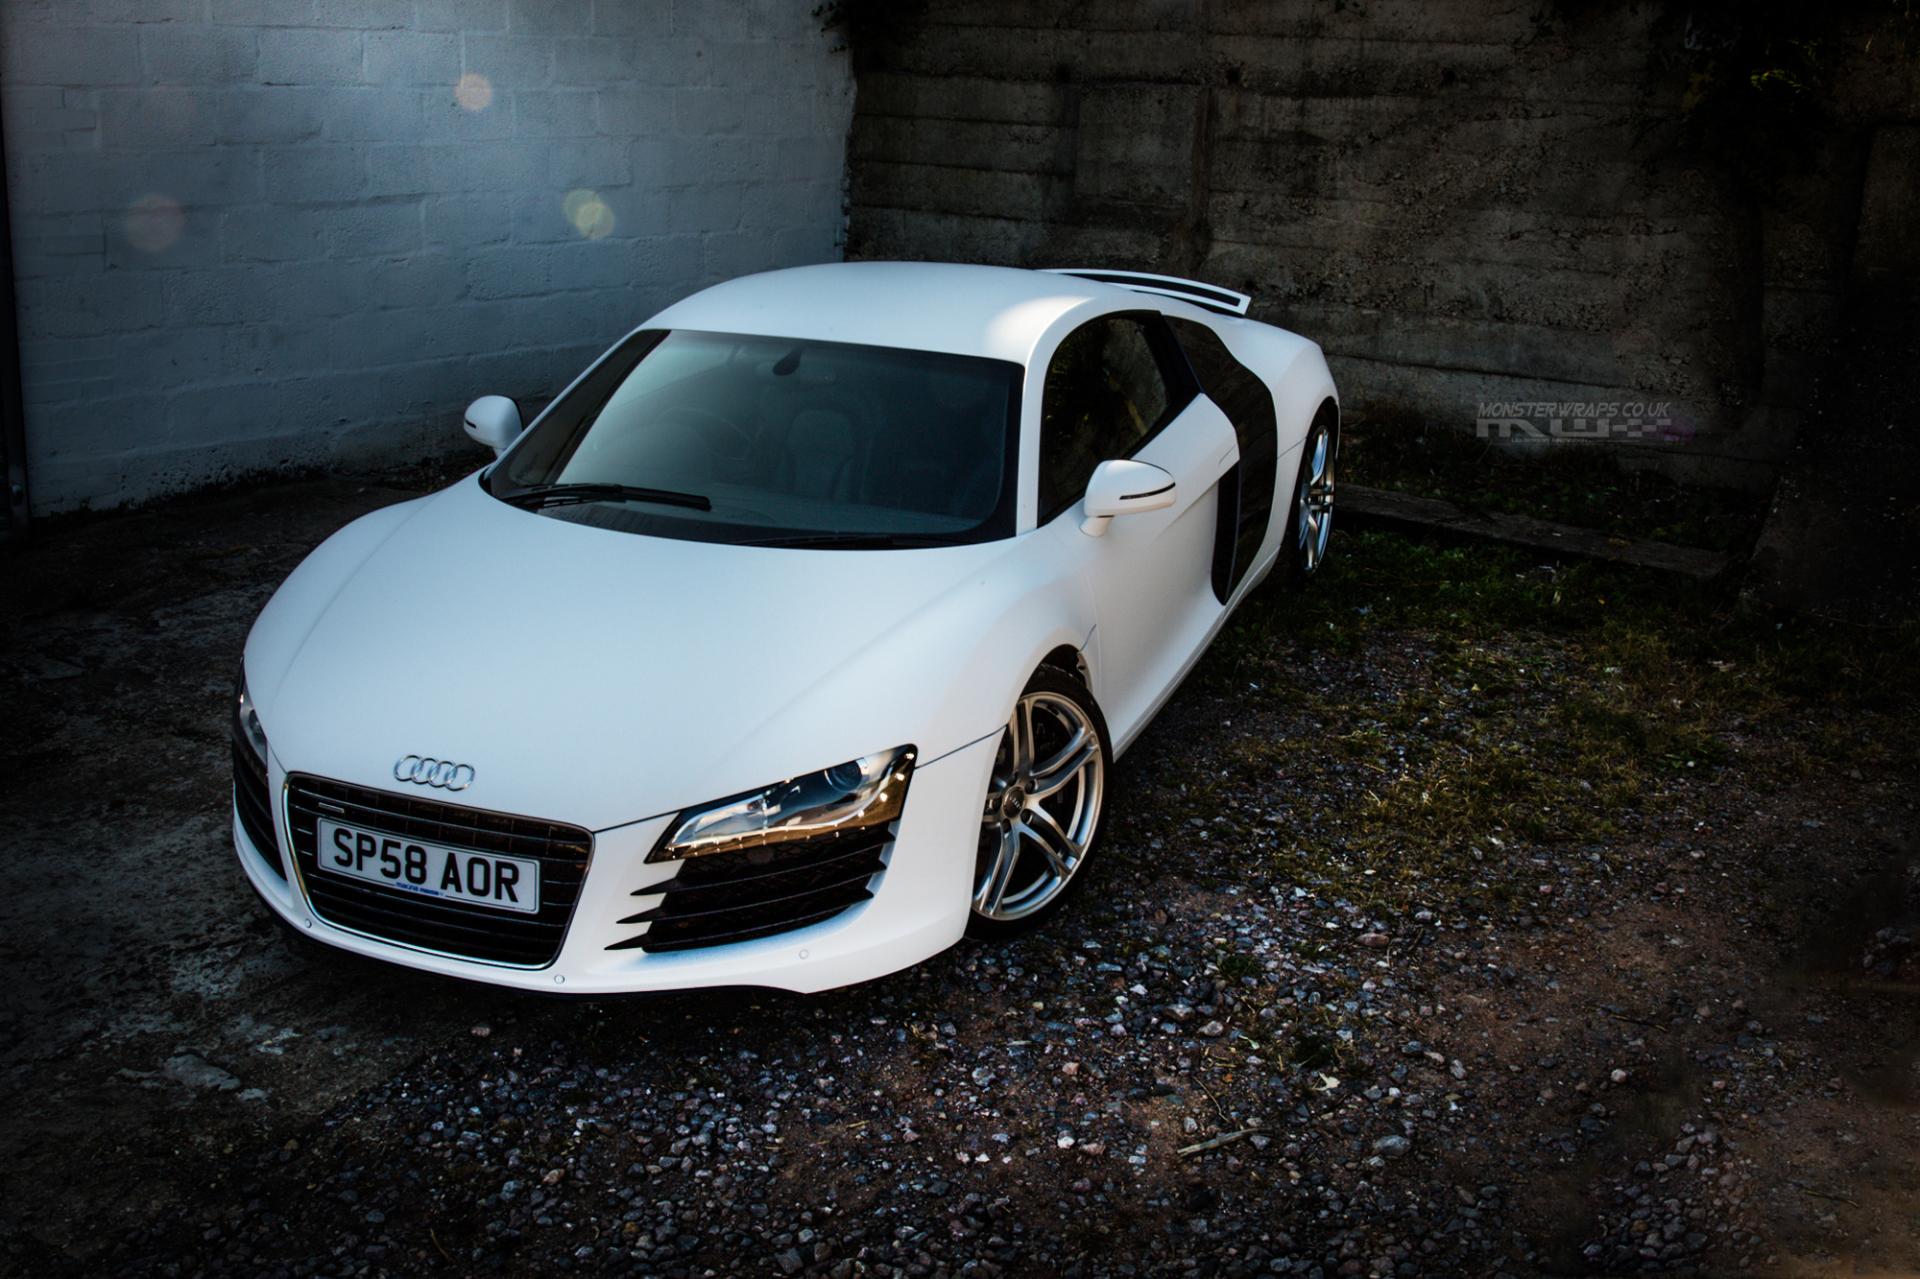 Audi R8 Car Wrap 3m 1080 Matte White Chrome Gold Wrap